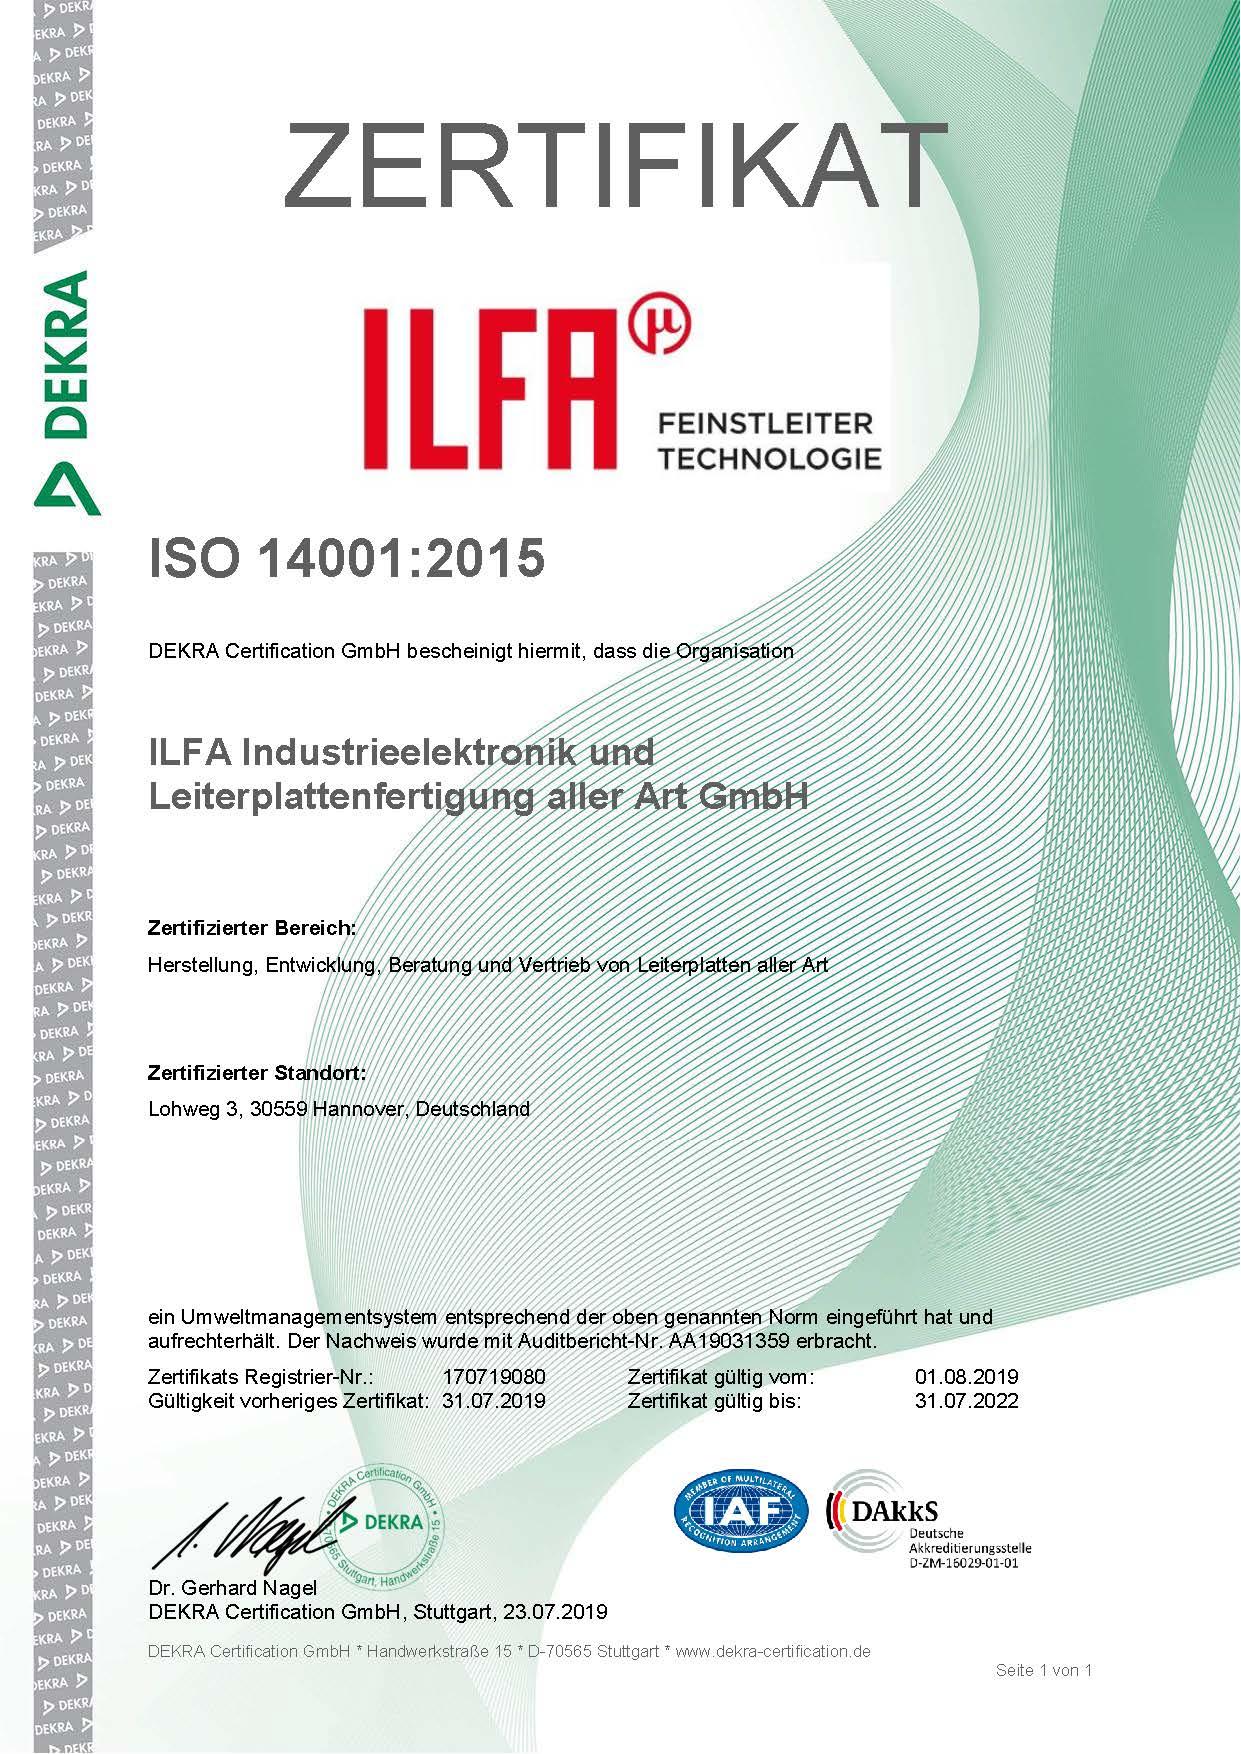 Zertifikat DIN EN ISO 14001:2015